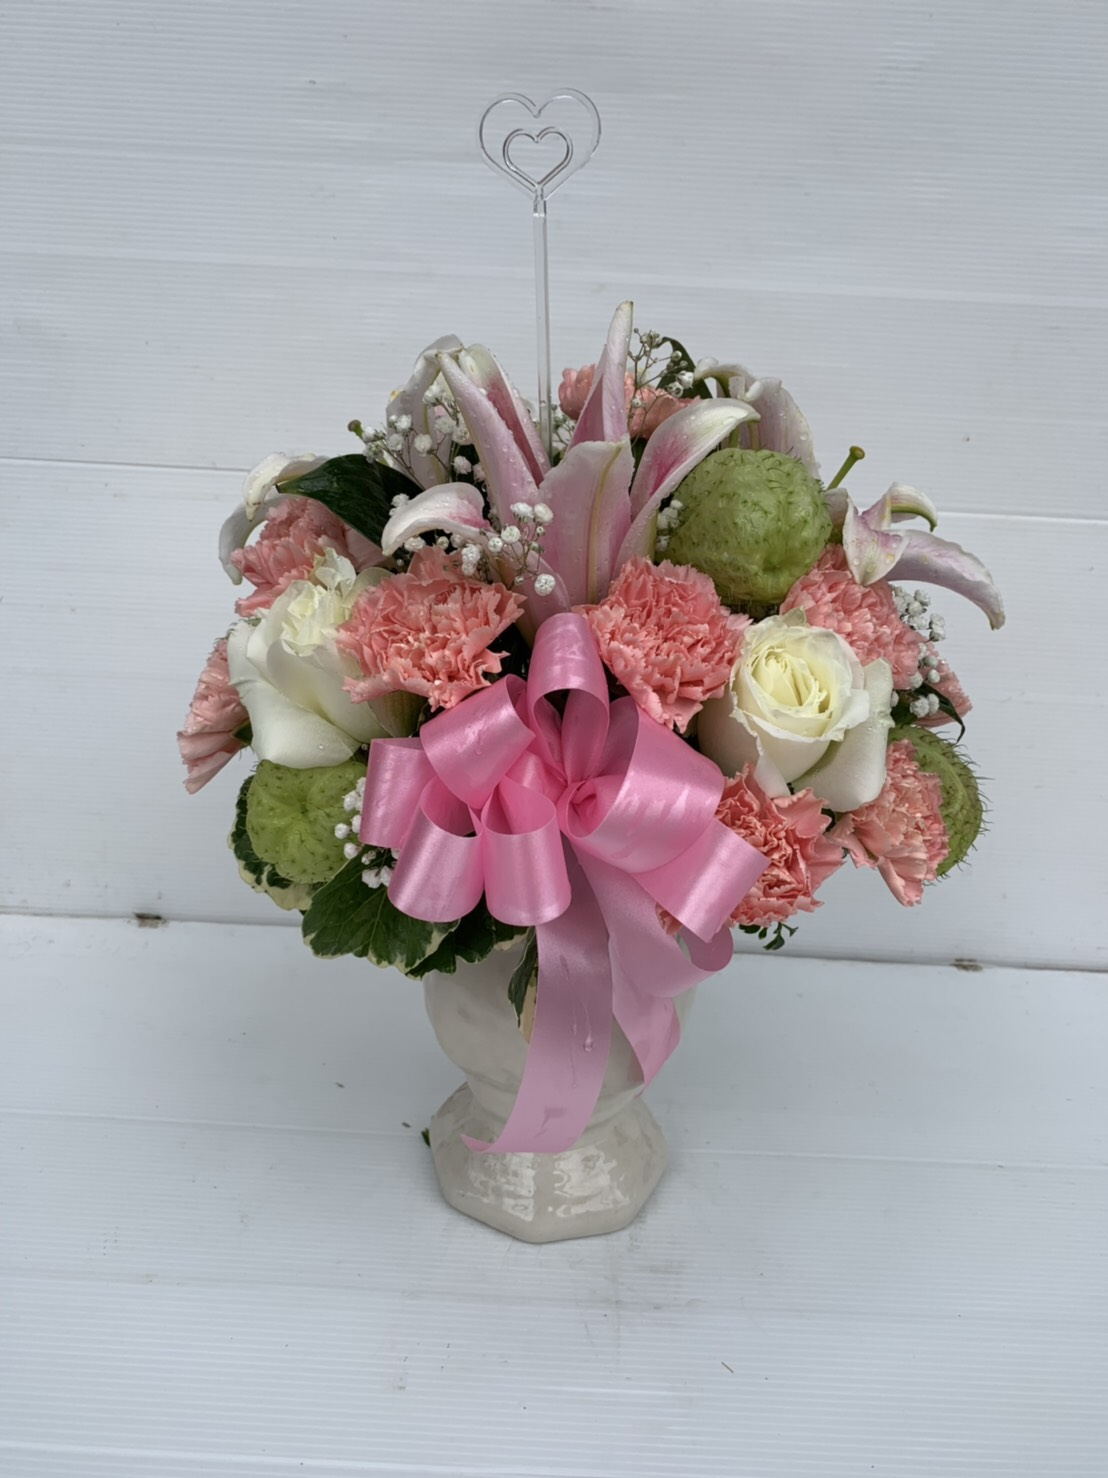 แจกันดอกไม้สดโทนสีหวานๆ เพิ่มเติมบรรยากาศที่สดชื่น